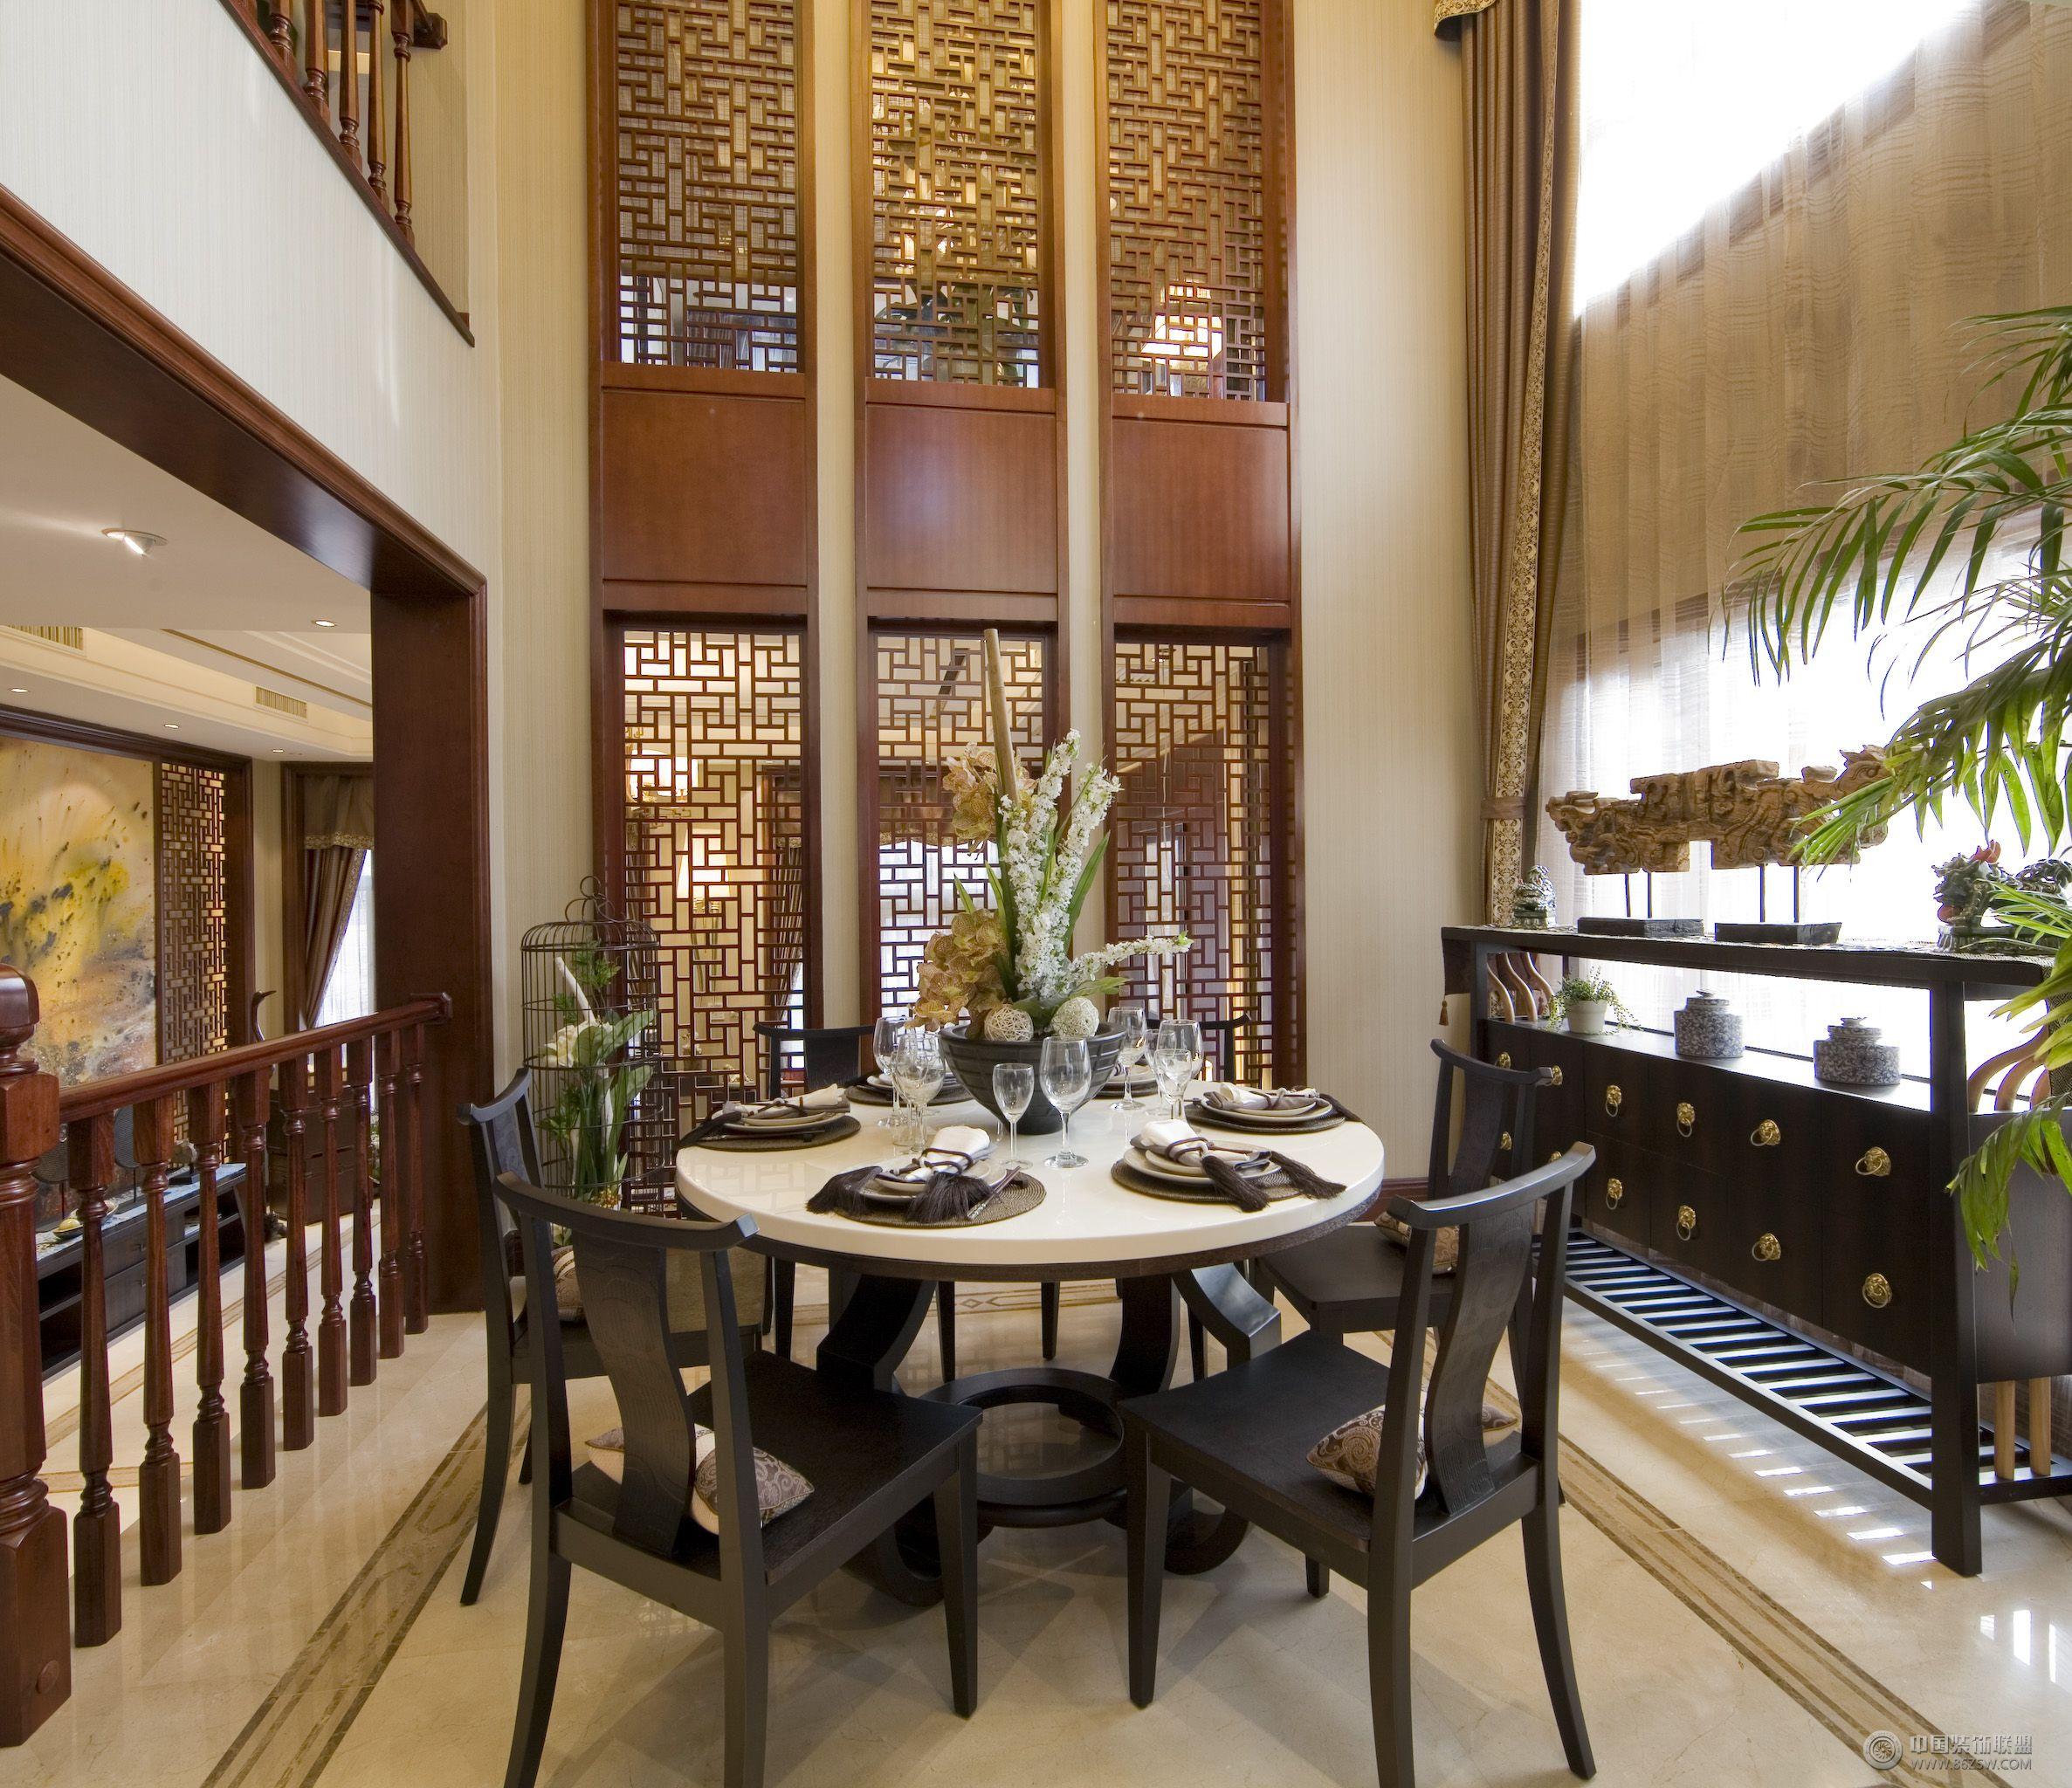 中式风格豪华复式设计效果图 餐厅 装修 效果图 八六网